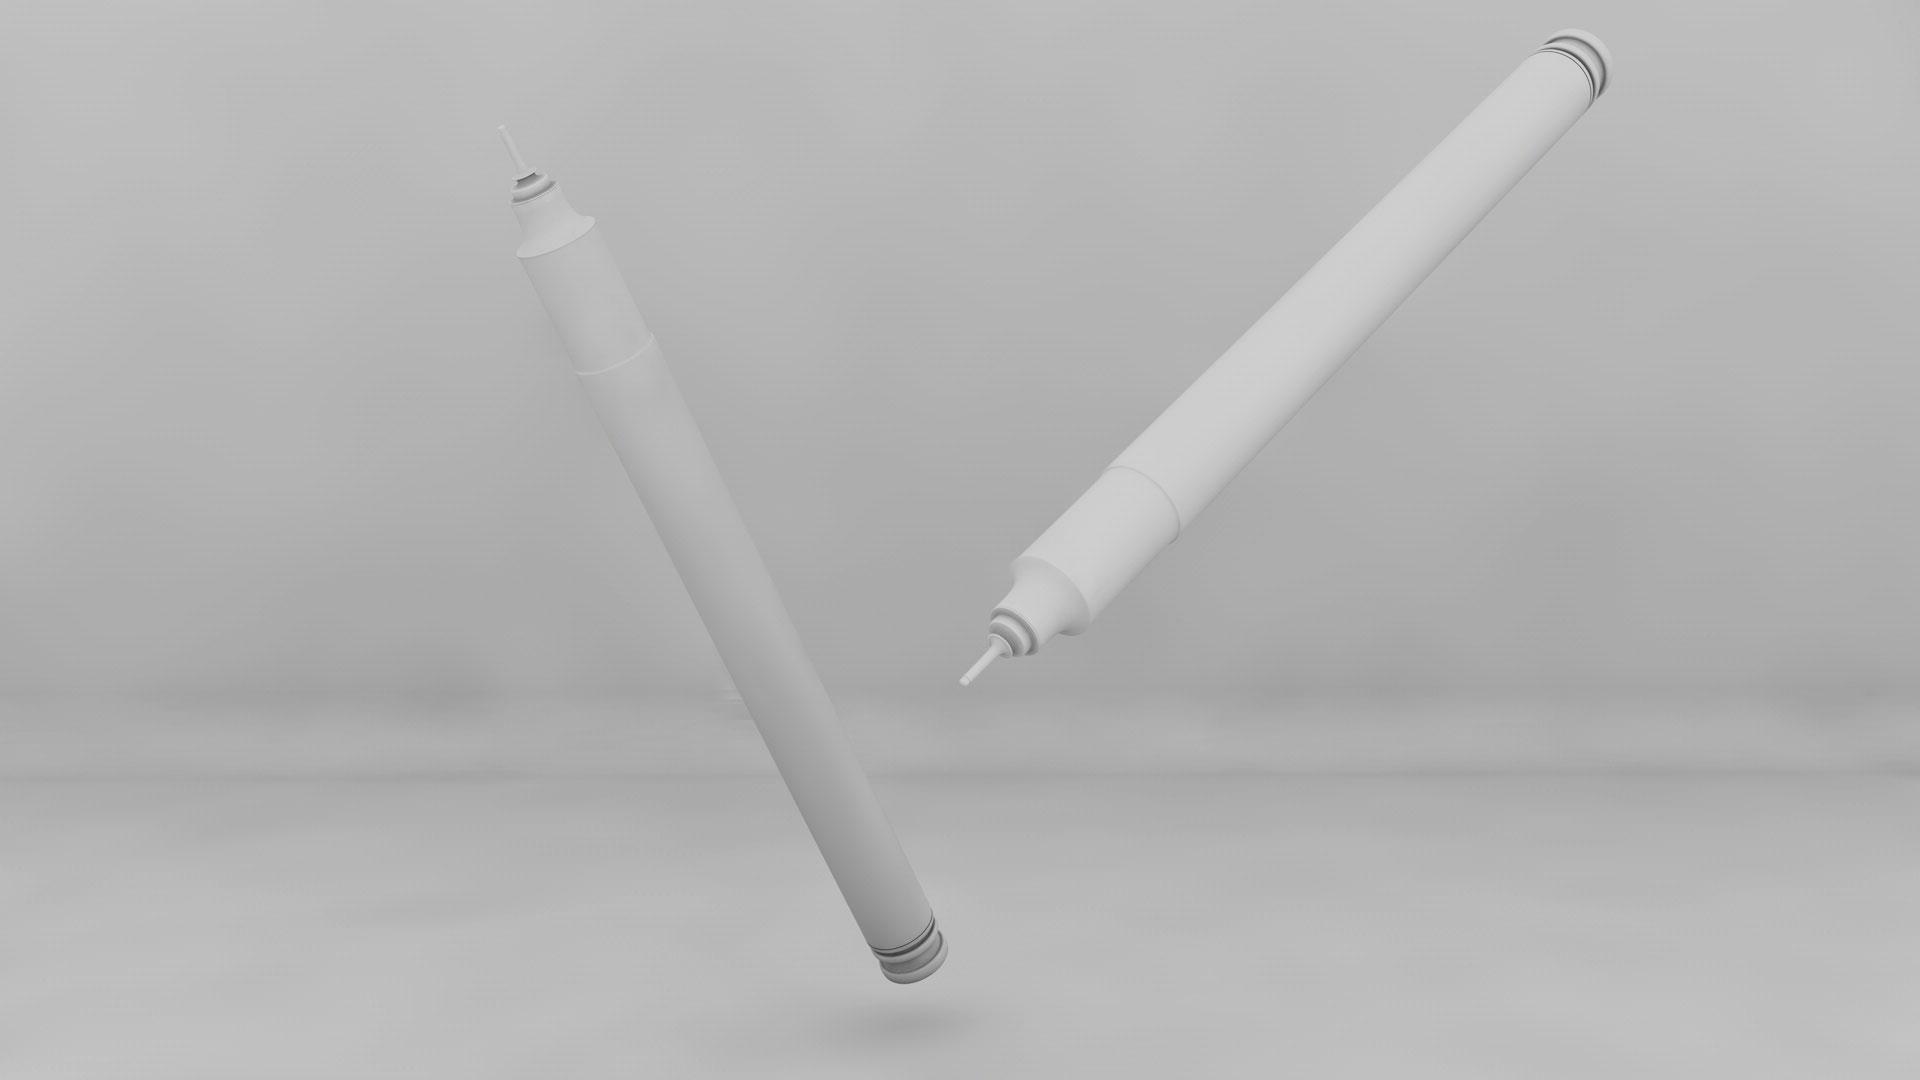 3d ürün görselleştirme kalem modelleme